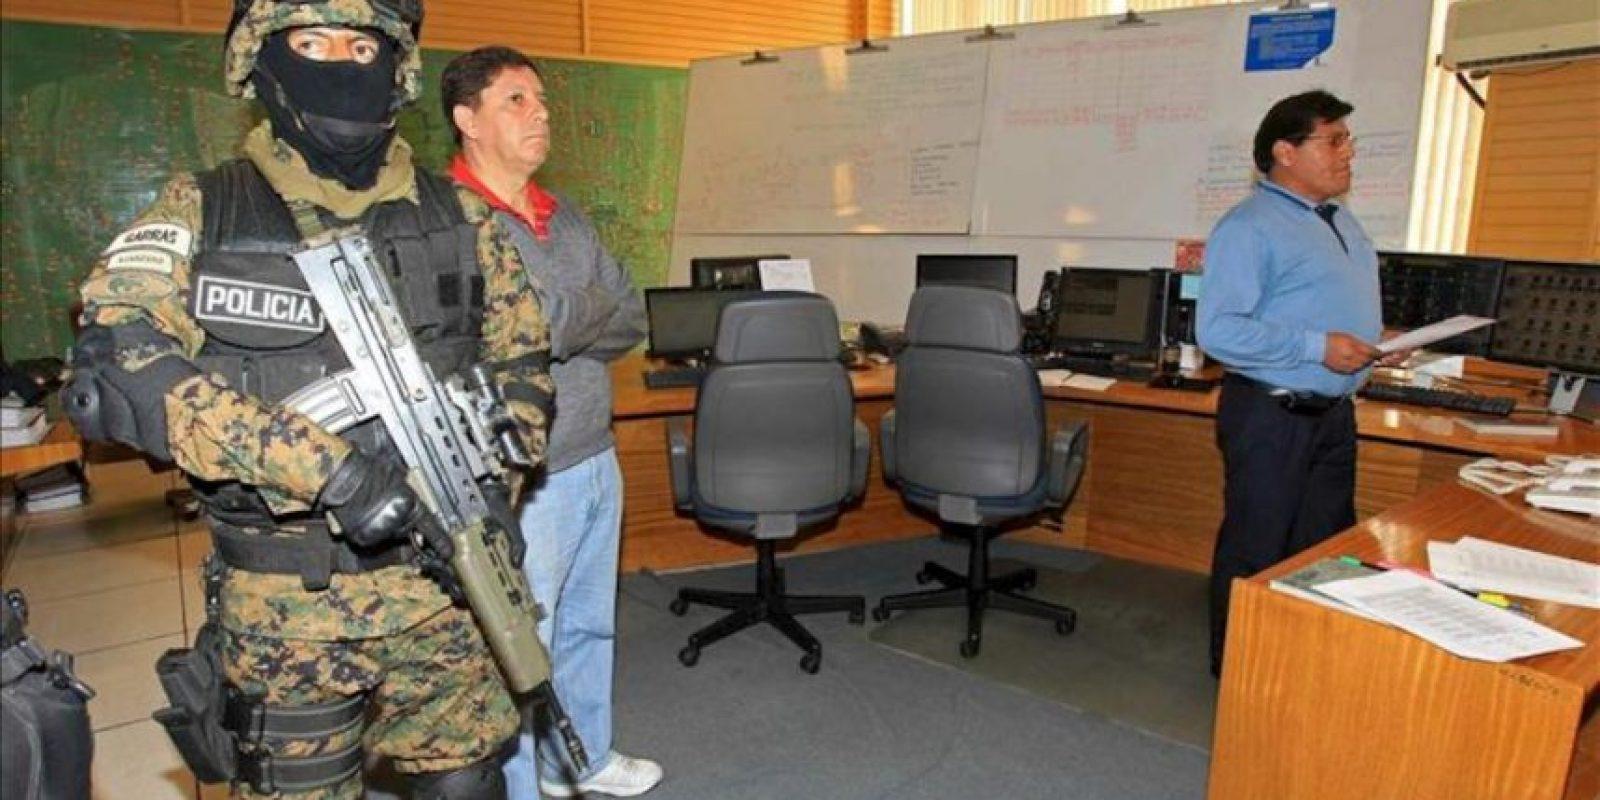 Autoridades bolivianas custodian al interior una de las principales oficinas de la distribuidora Electropaz, una de las cuatro empresas propiedad de la española Iberdrola nacionalizadas por el Gobierno de Bolivia hoy, sábado 29 de diciembre de 2012, en La Paz. EFE